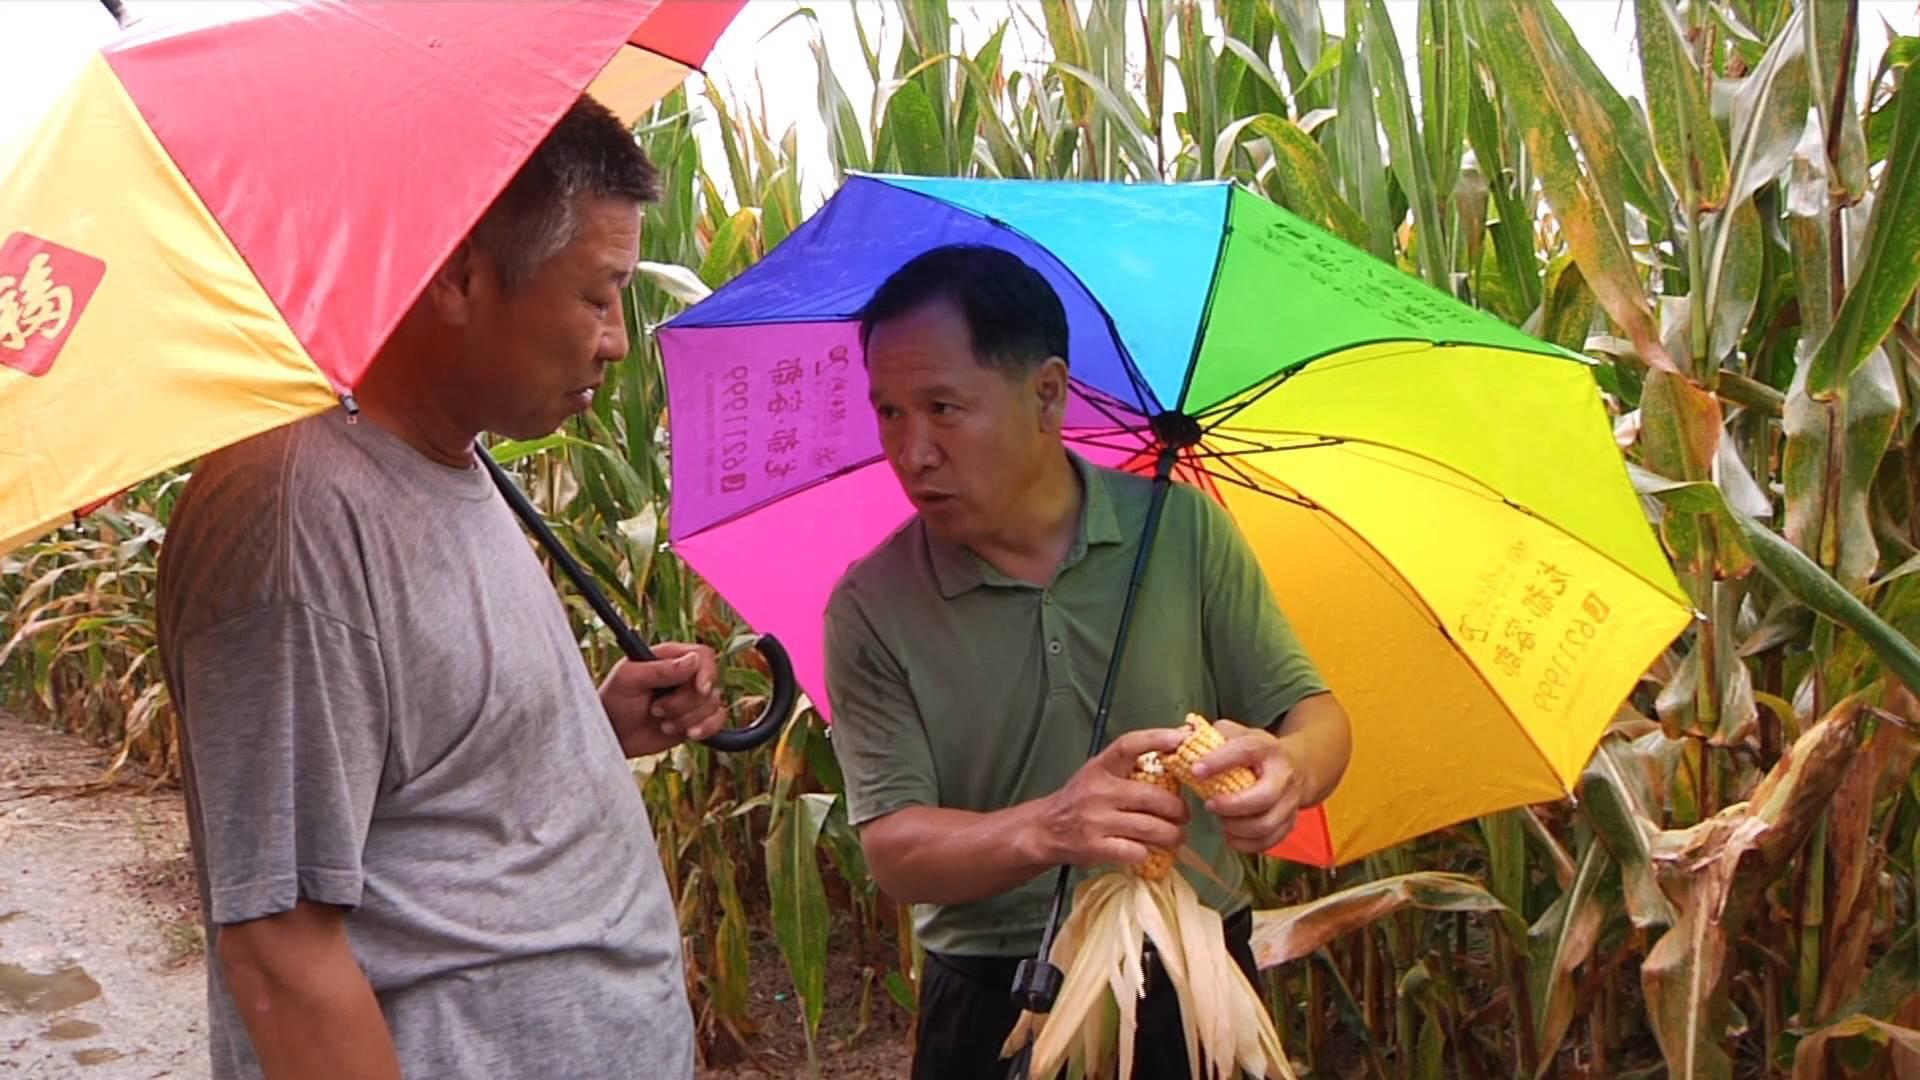 山东明天起天气逐步转晴,省气候中心:紧急排涝,组织人工抢收抢晒玉米等作物